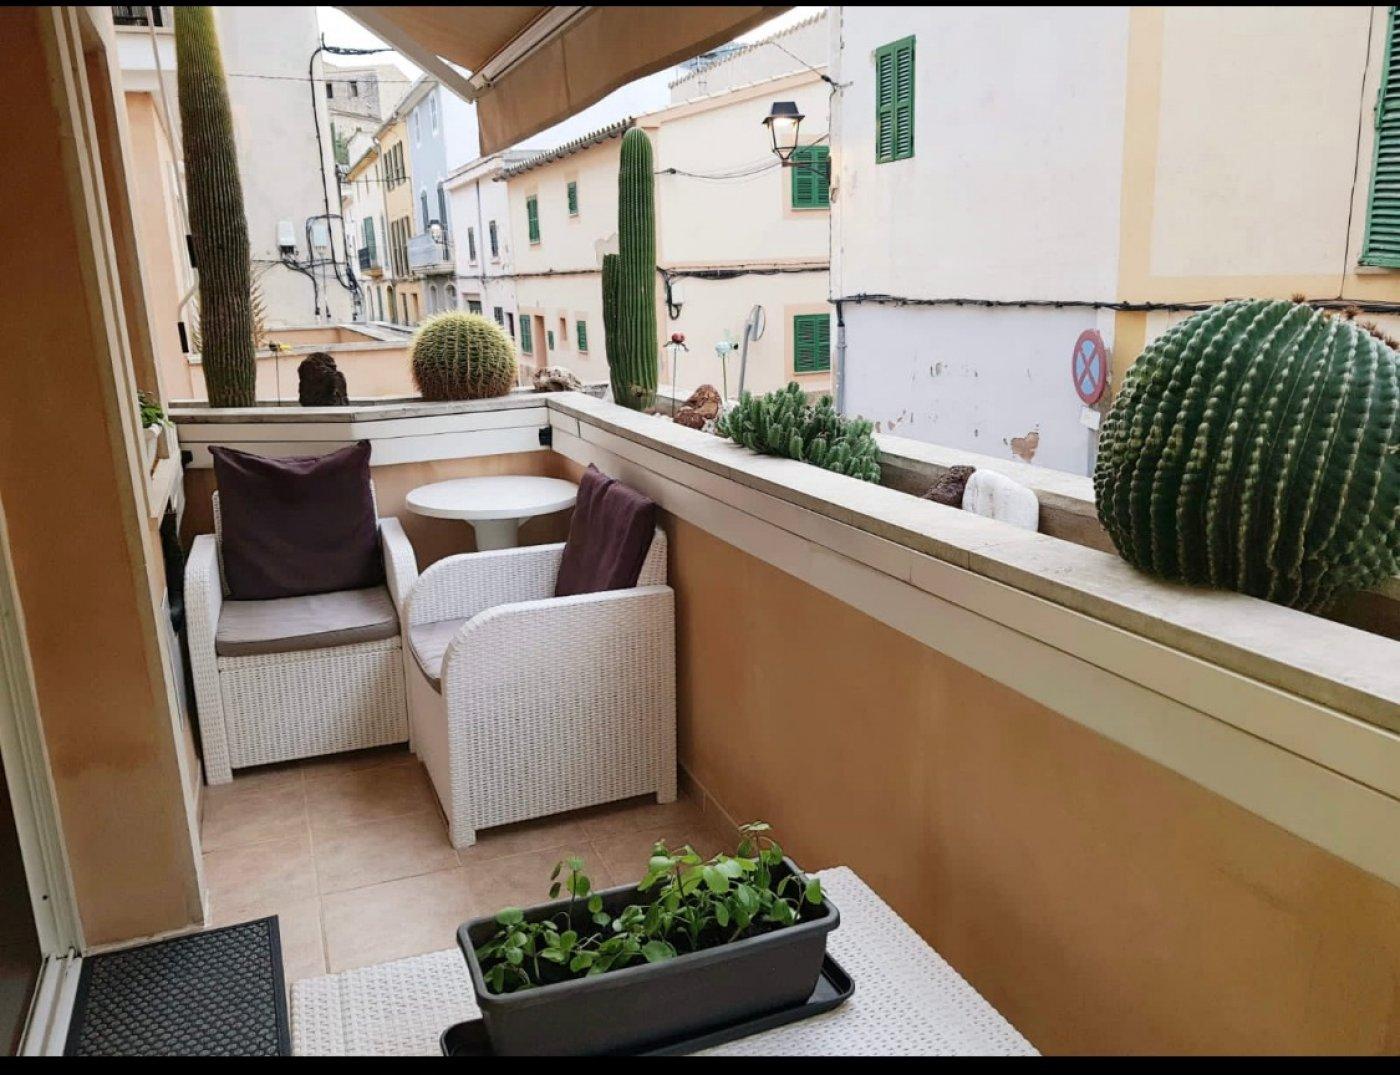 Se vende bonito apartamento semi nuevo con parking en andratx - imagenInmueble0